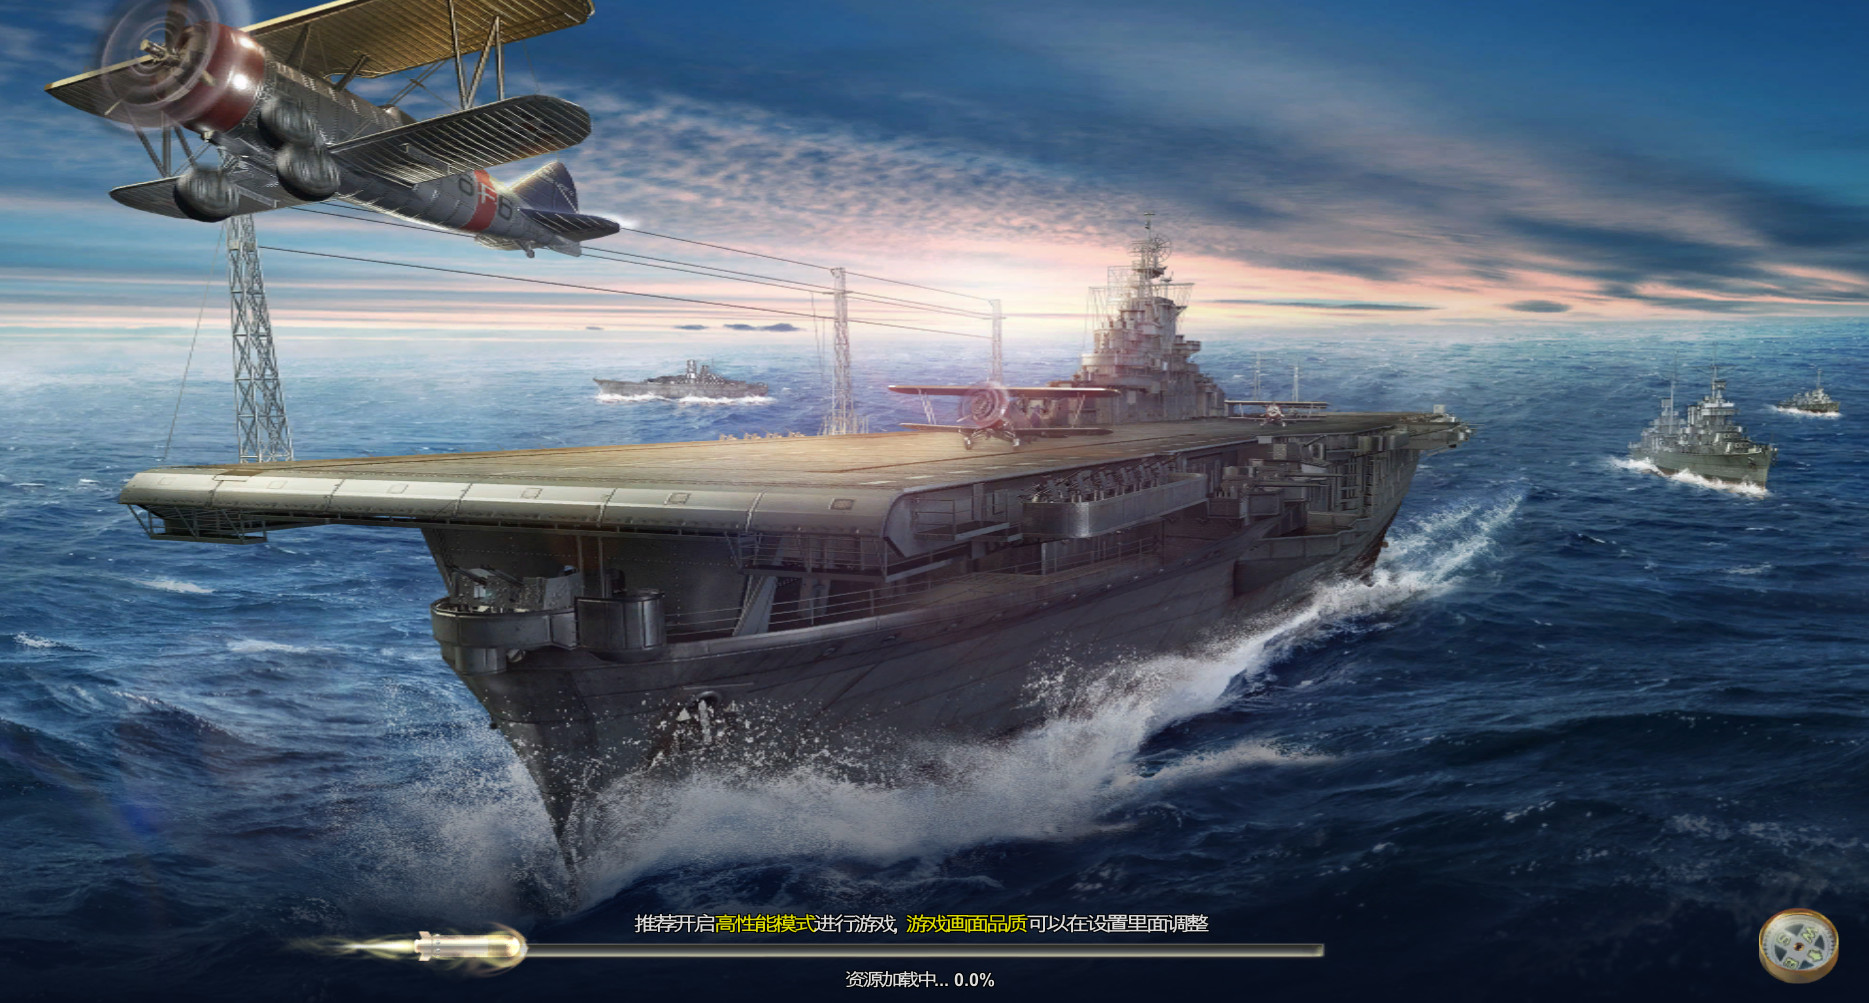 《巅峰战舰》游戏截图